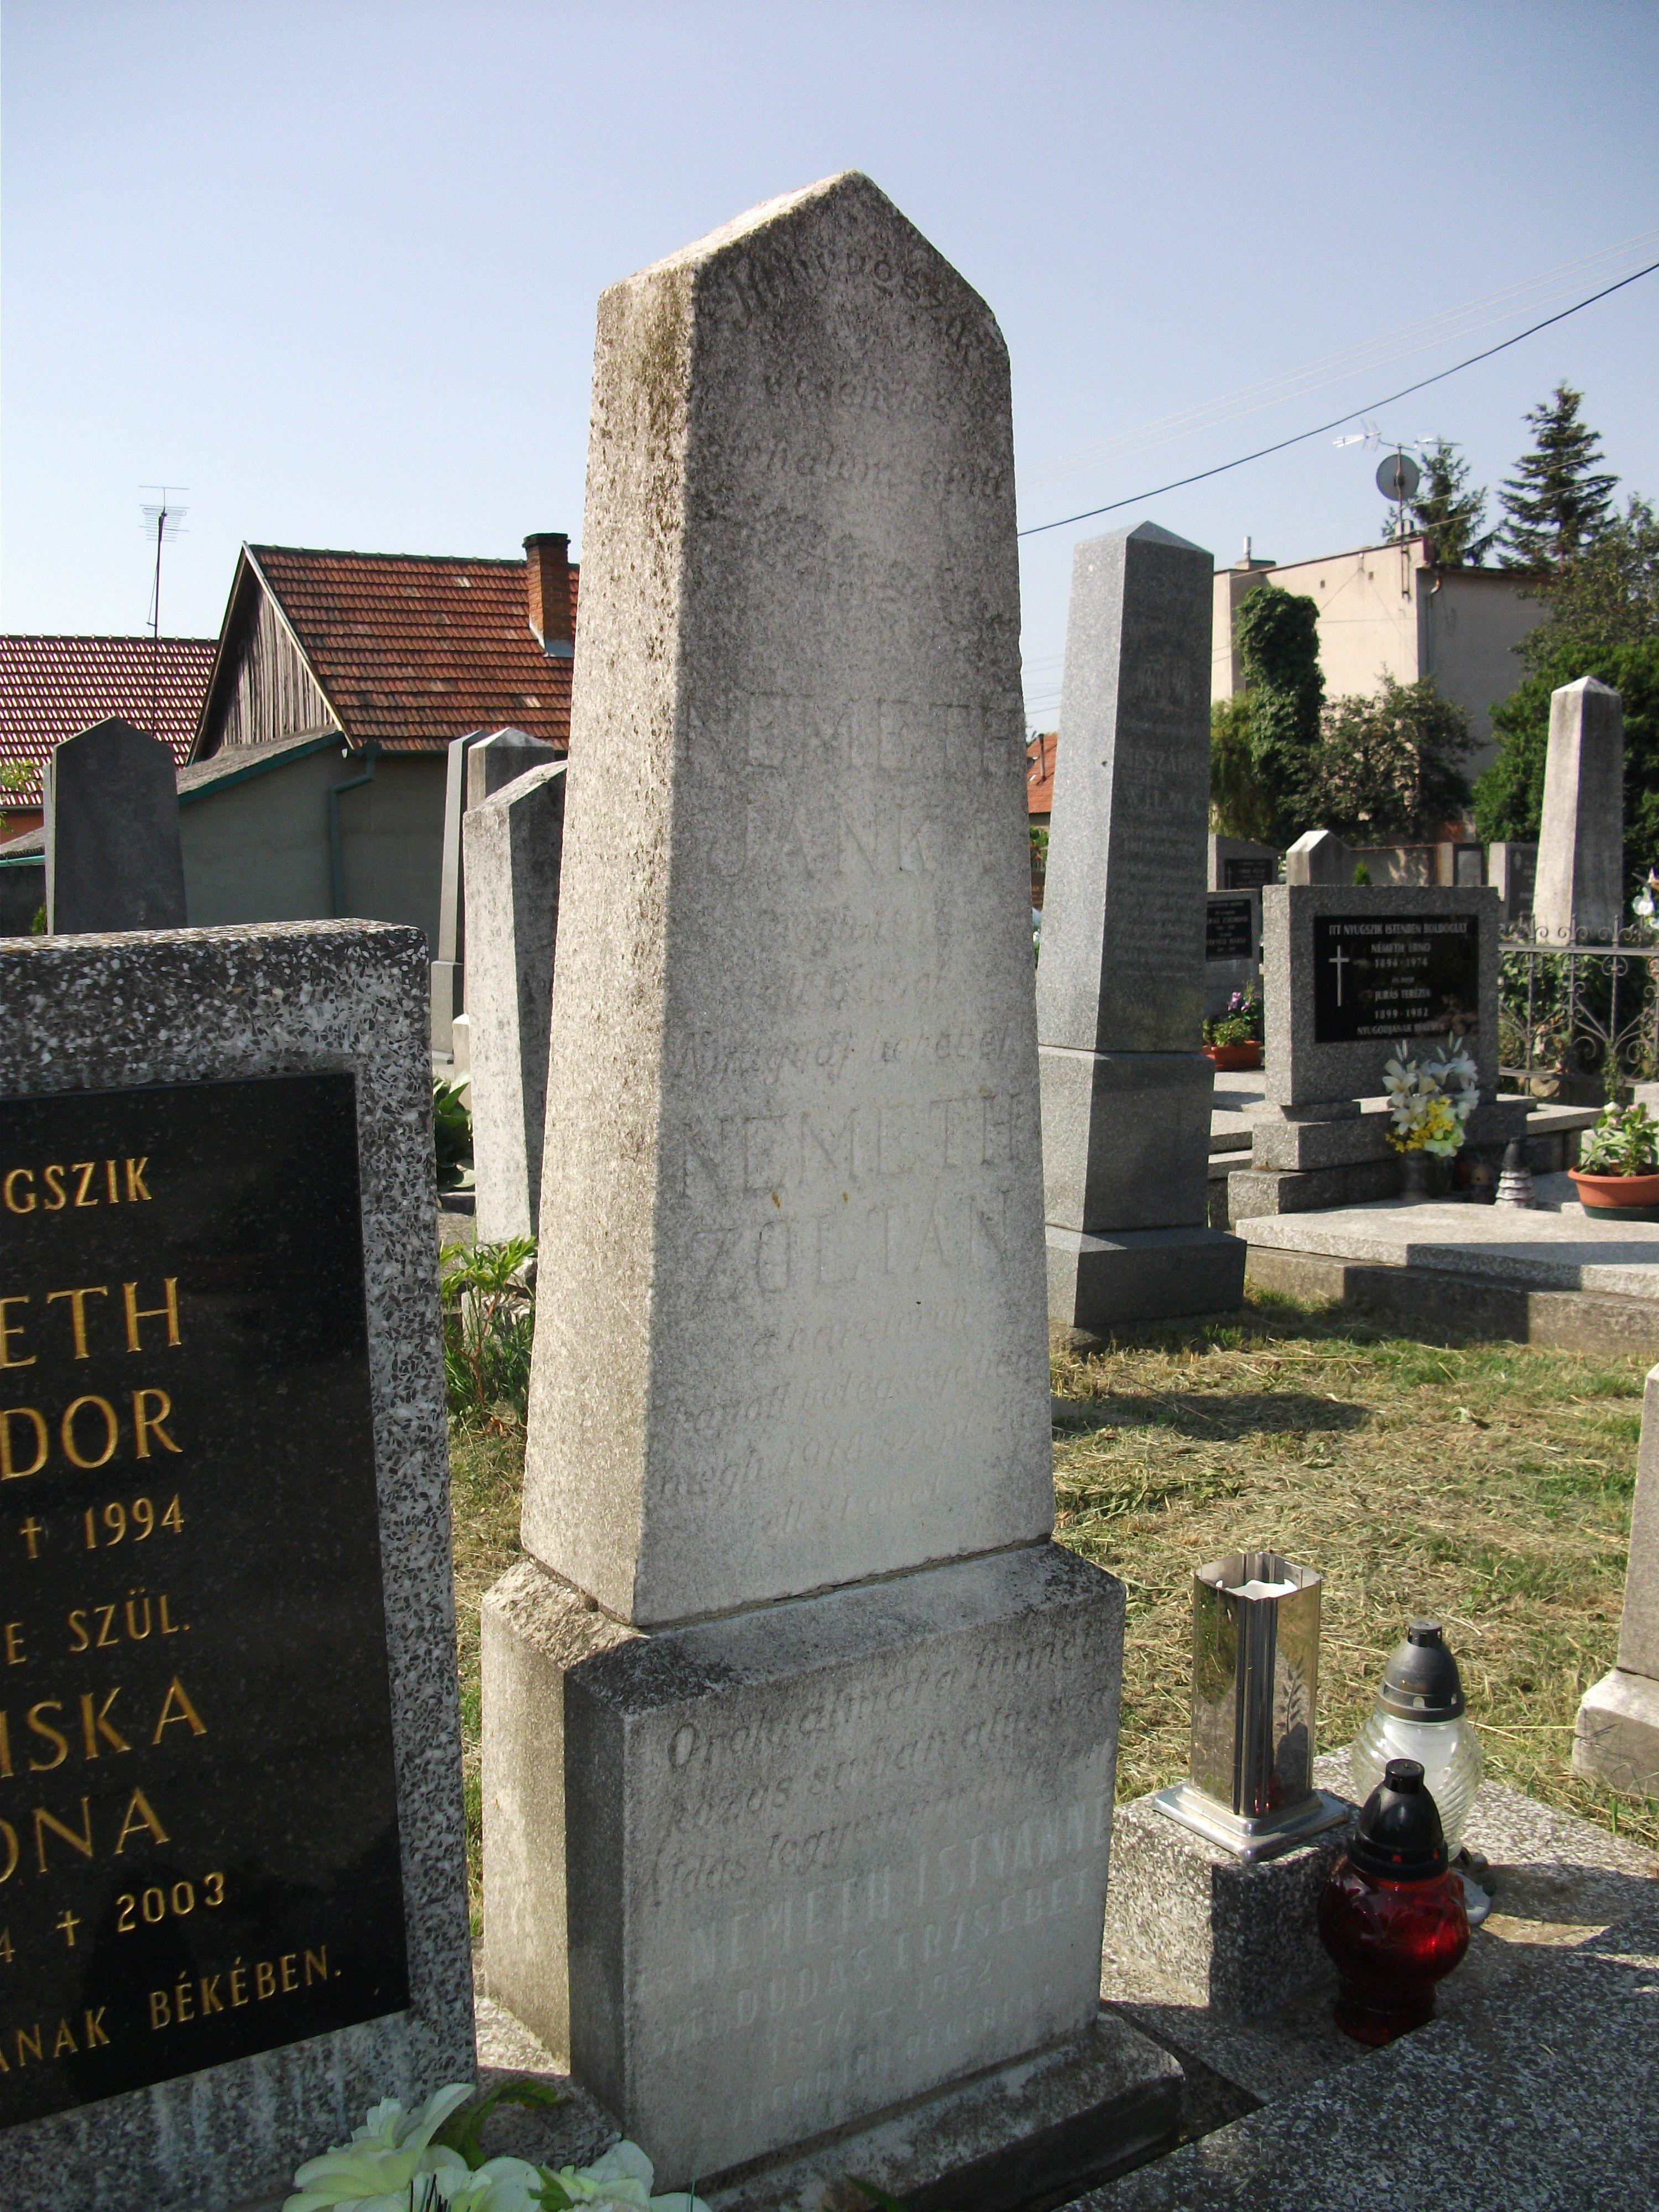 1. N+ęmeth Zolt+ín eml+ęk+ęt +Ĺrz+Ĺ s+şrk+Ĺ a taksonyi temet+Ĺben.JPG